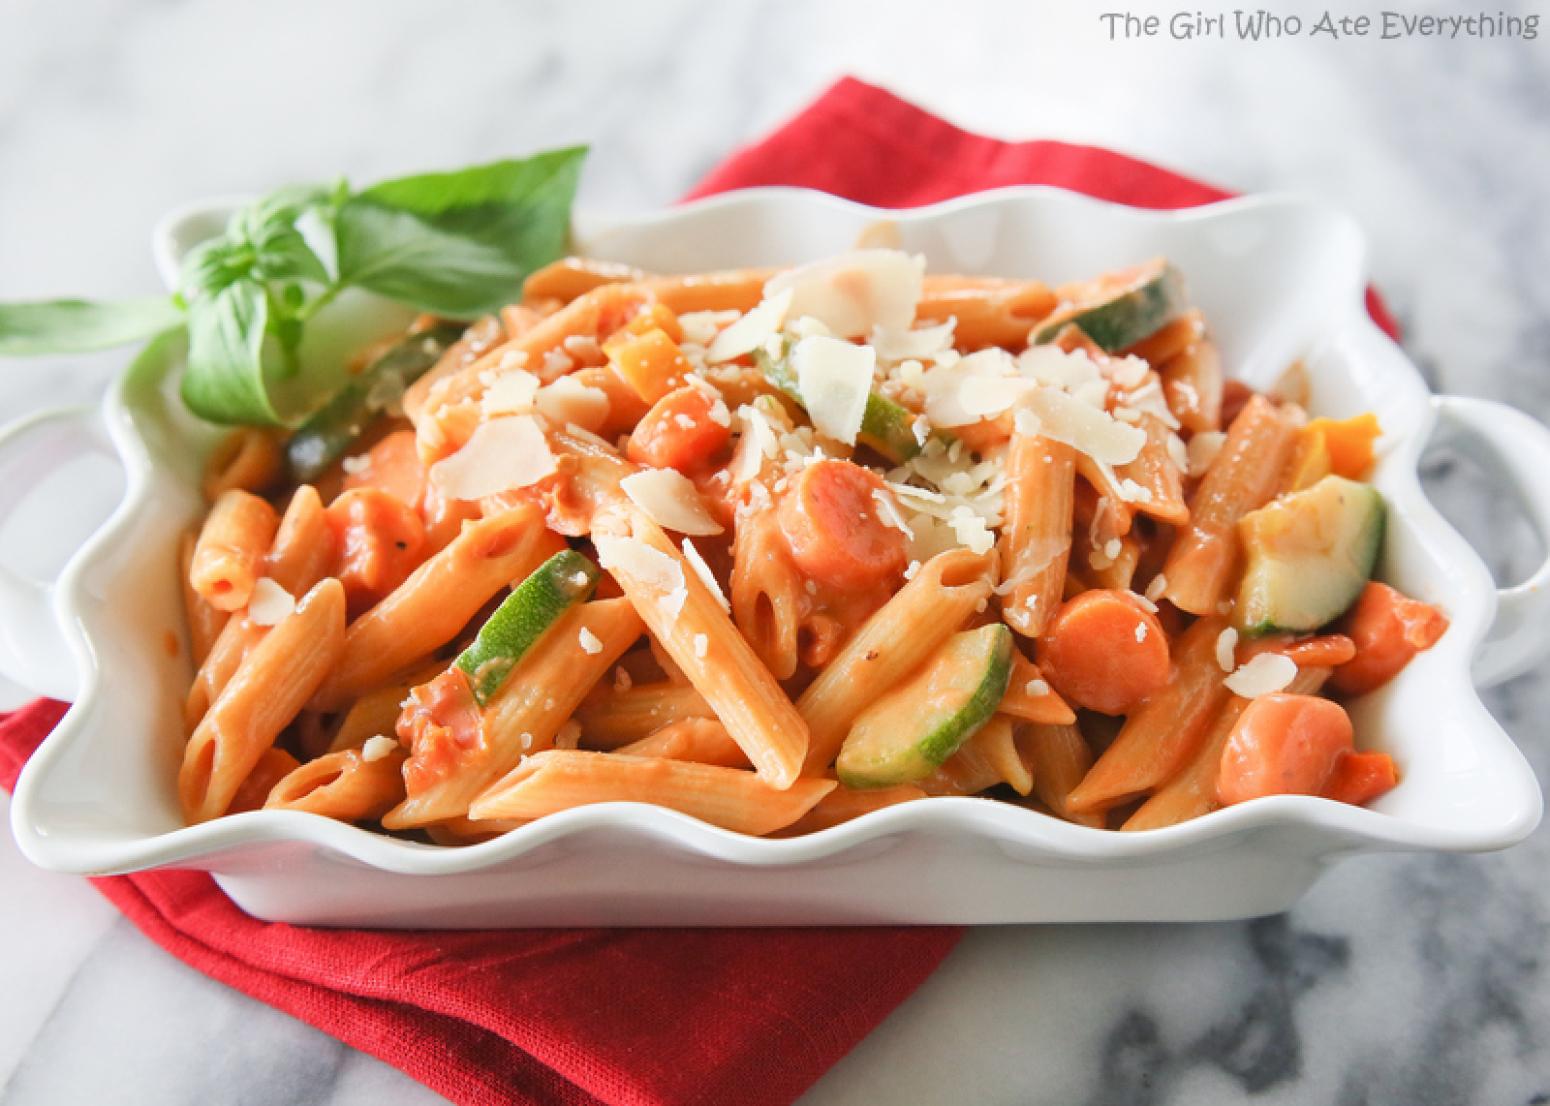 Creamy Pasta Primavera Recipe 4 | Just A Pinch Recipes